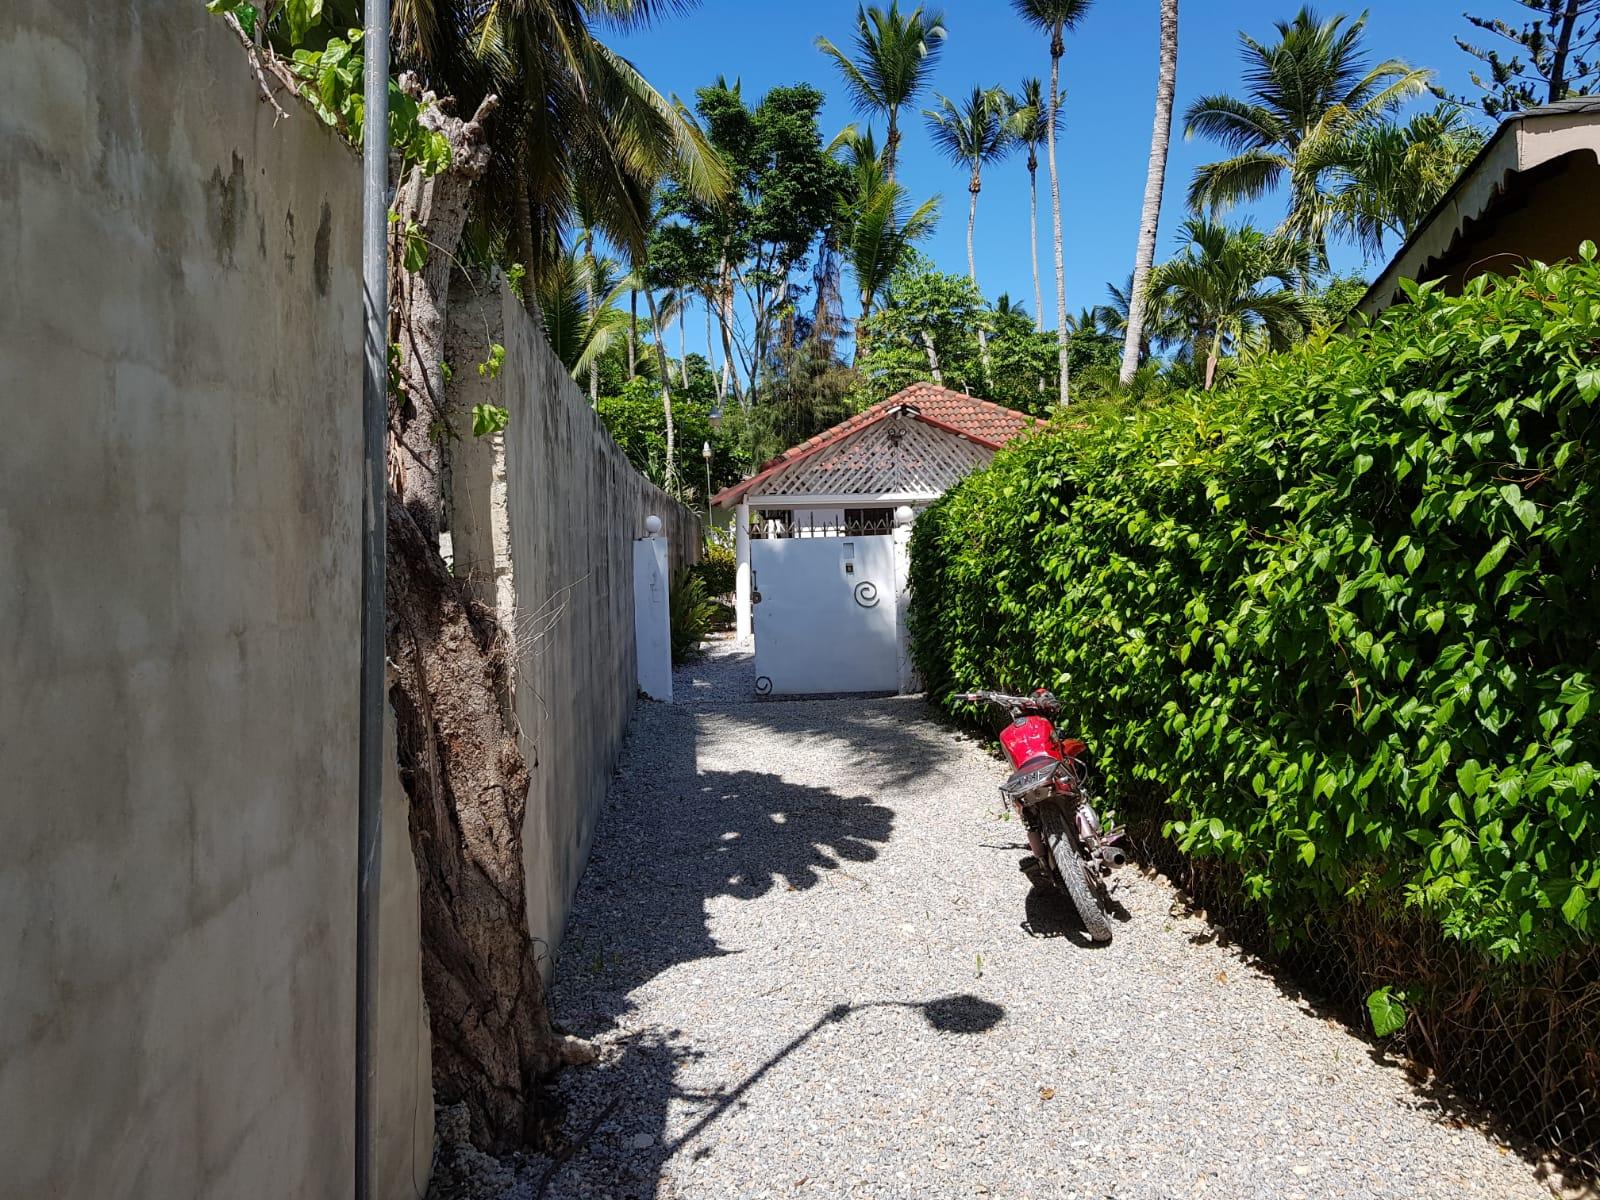 Villa El Secreto Real Estate Las Terrenas Dominican Republic 12.jpeg